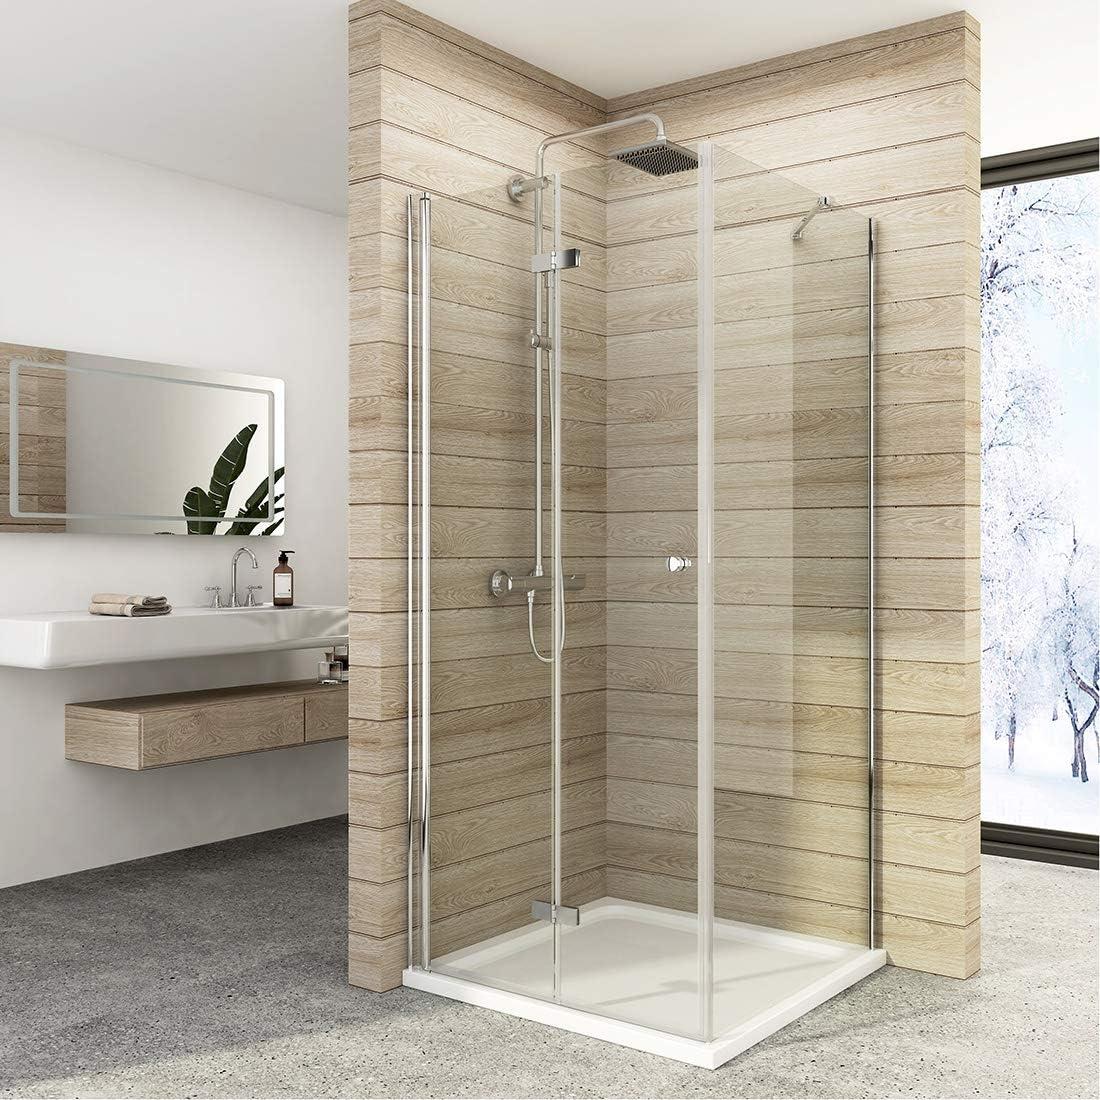 Cabina de ducha doble puerta plegable mampara de ducha de cristal ...